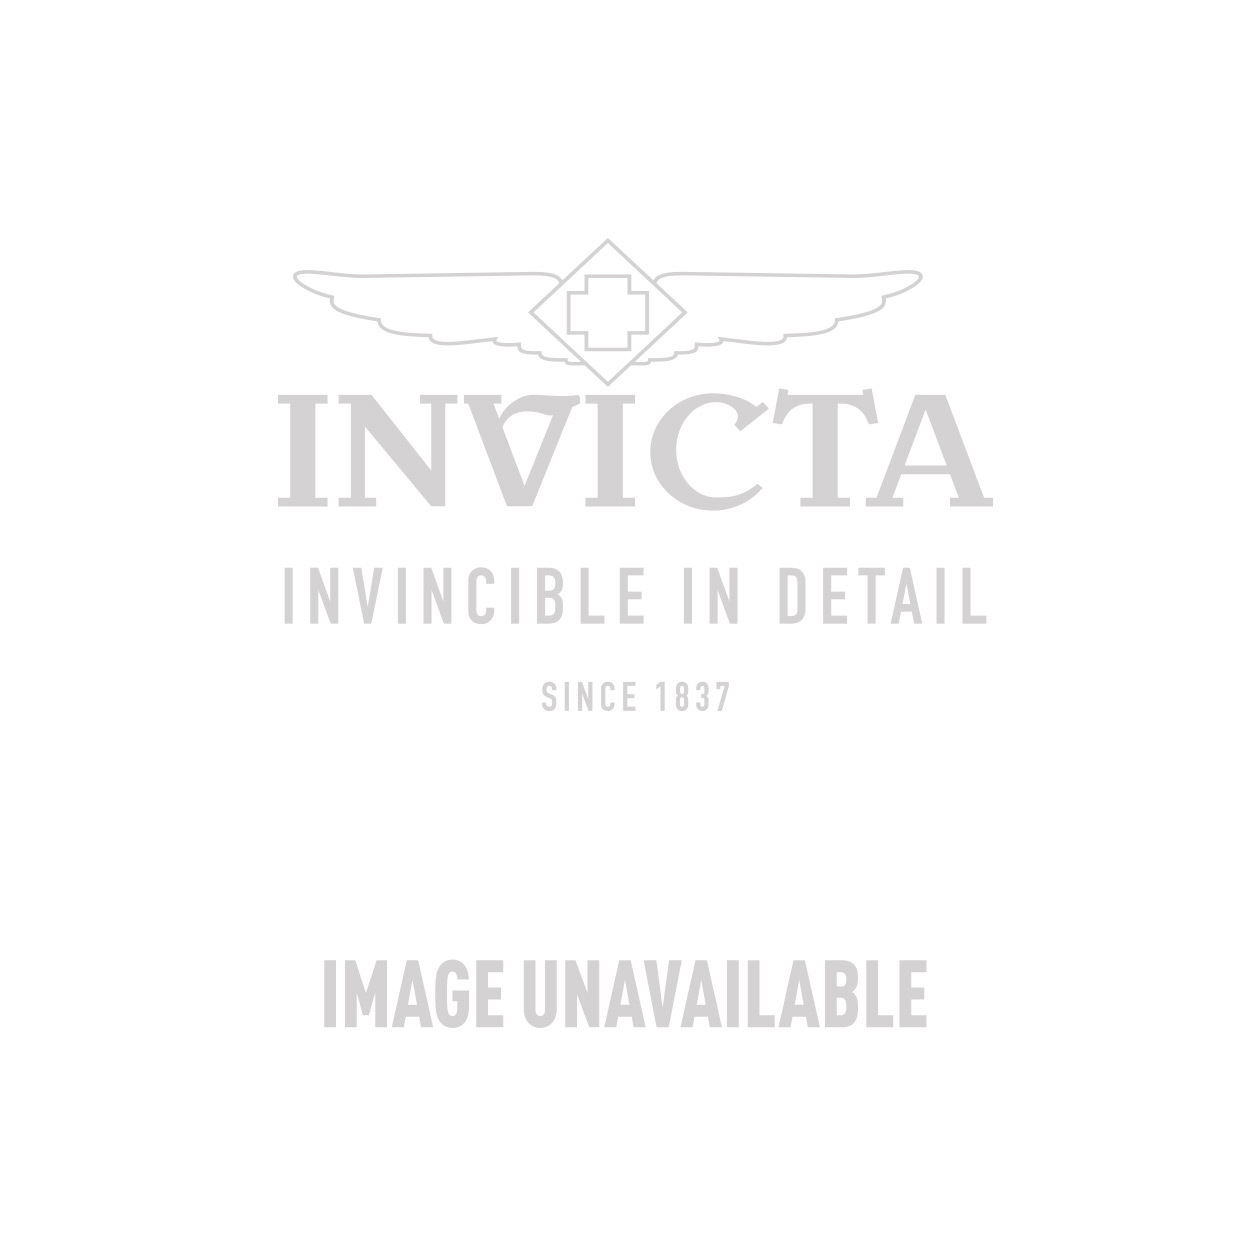 Invicta Model 27288